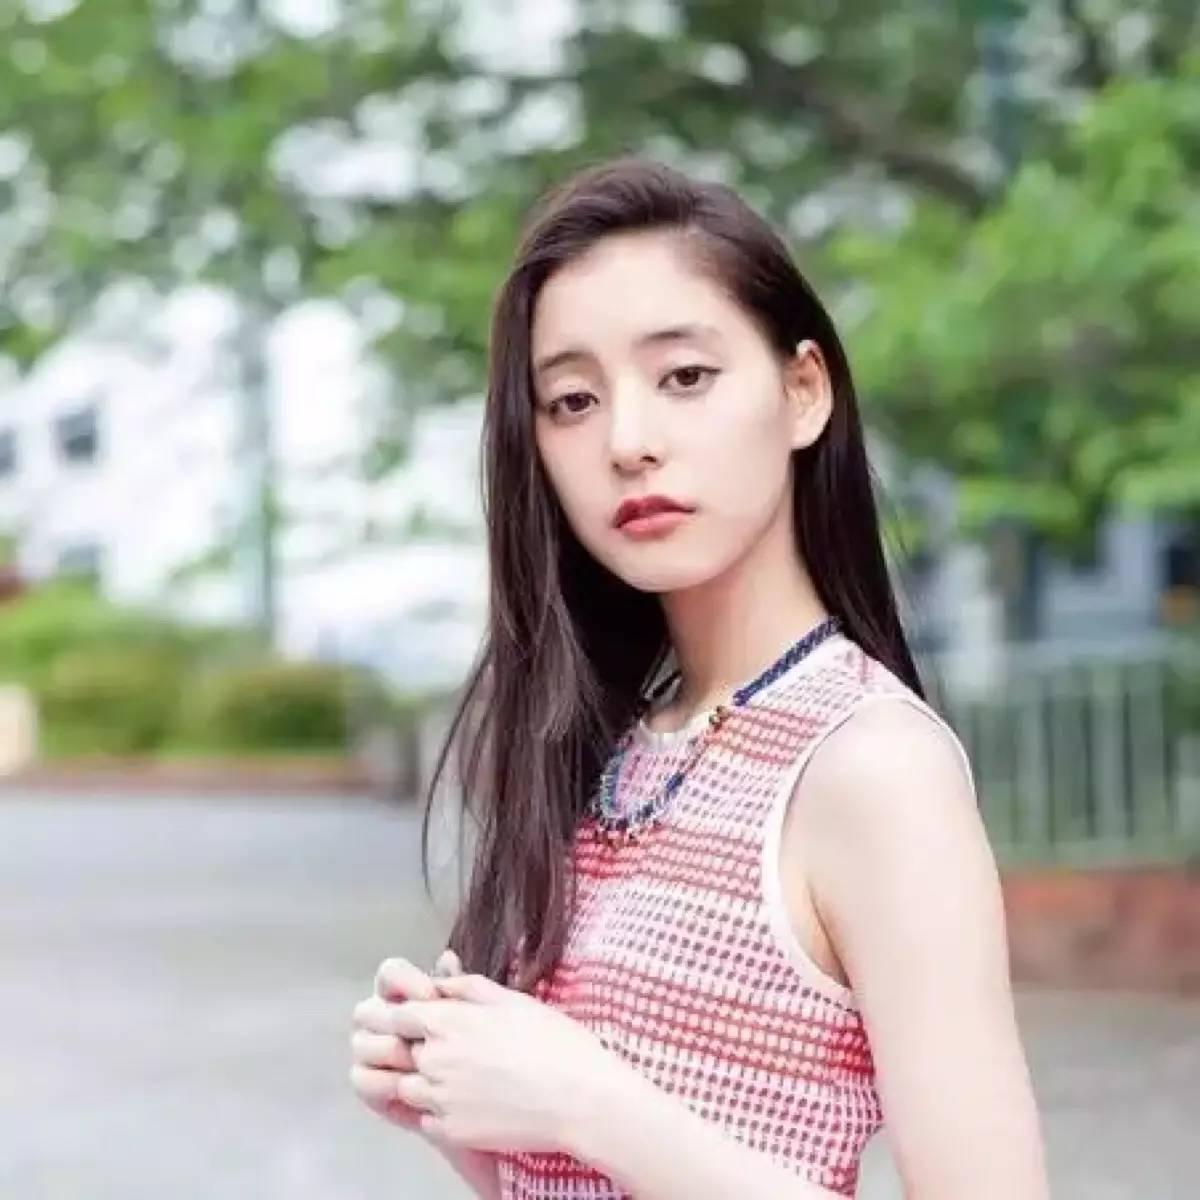 2019日本女友排行榜_2019日本女优排行榜 排名前十名单